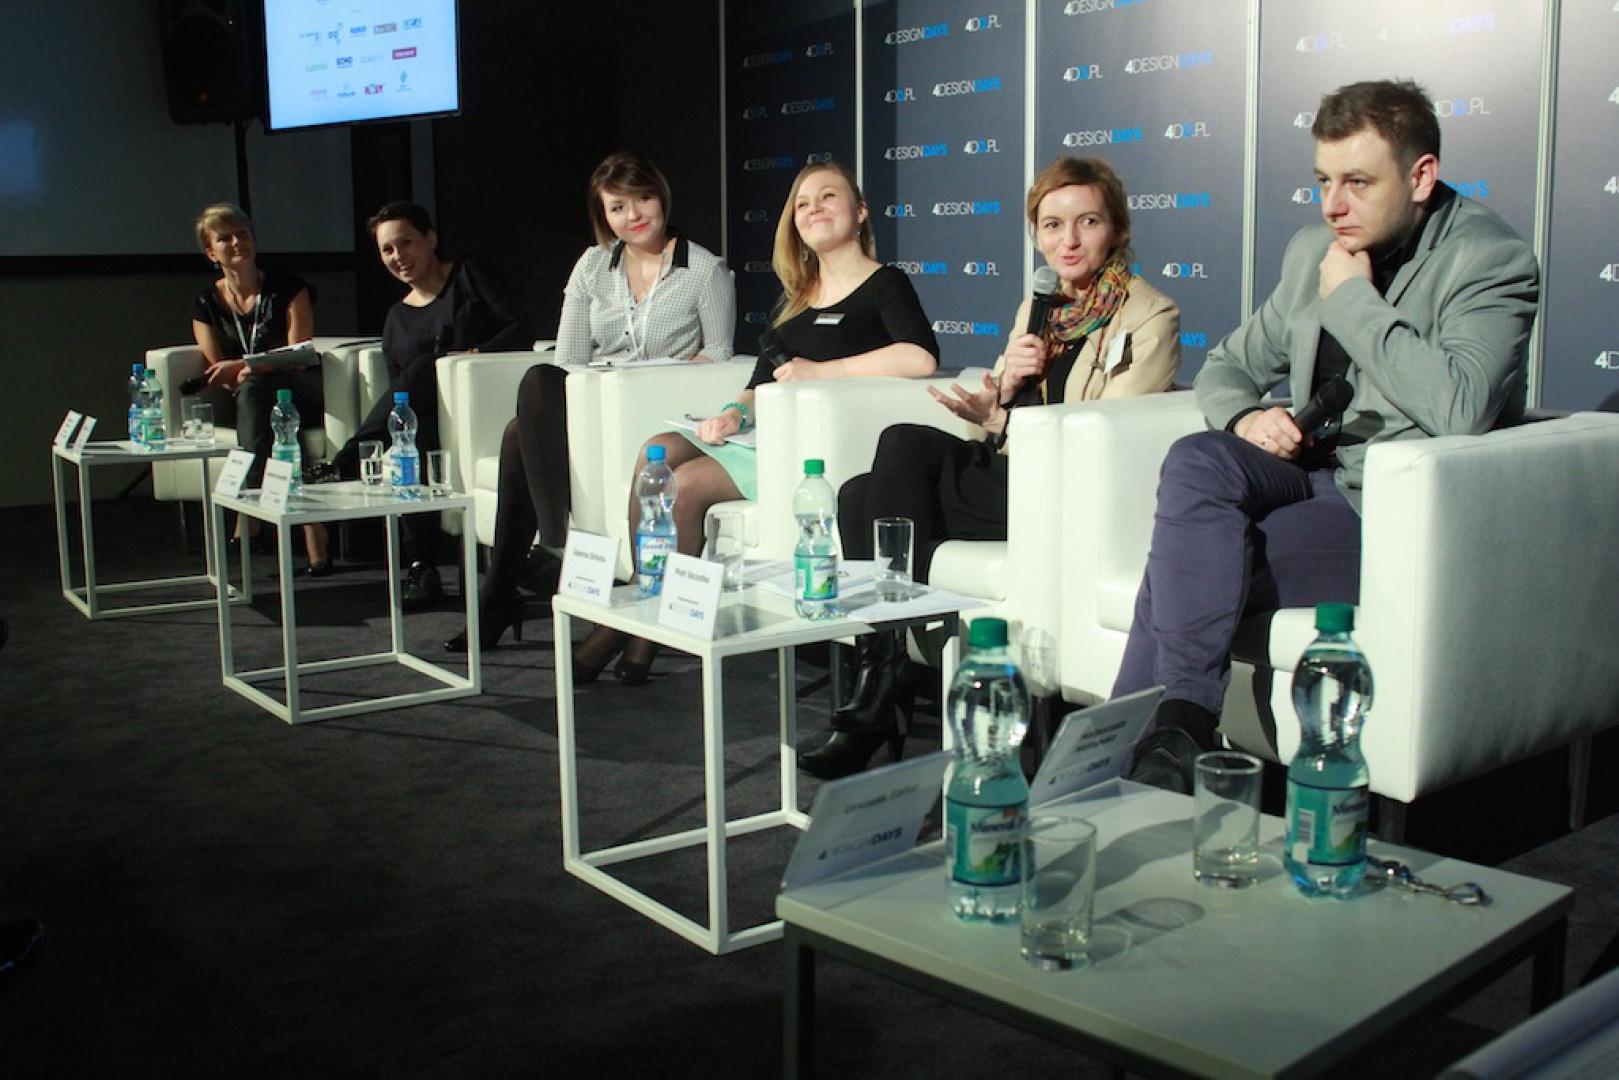 Panel dyskusyjny Wnętrza Mieszkaniowe: projekt kuchnia cz. II. Fot. 4 Design Days.